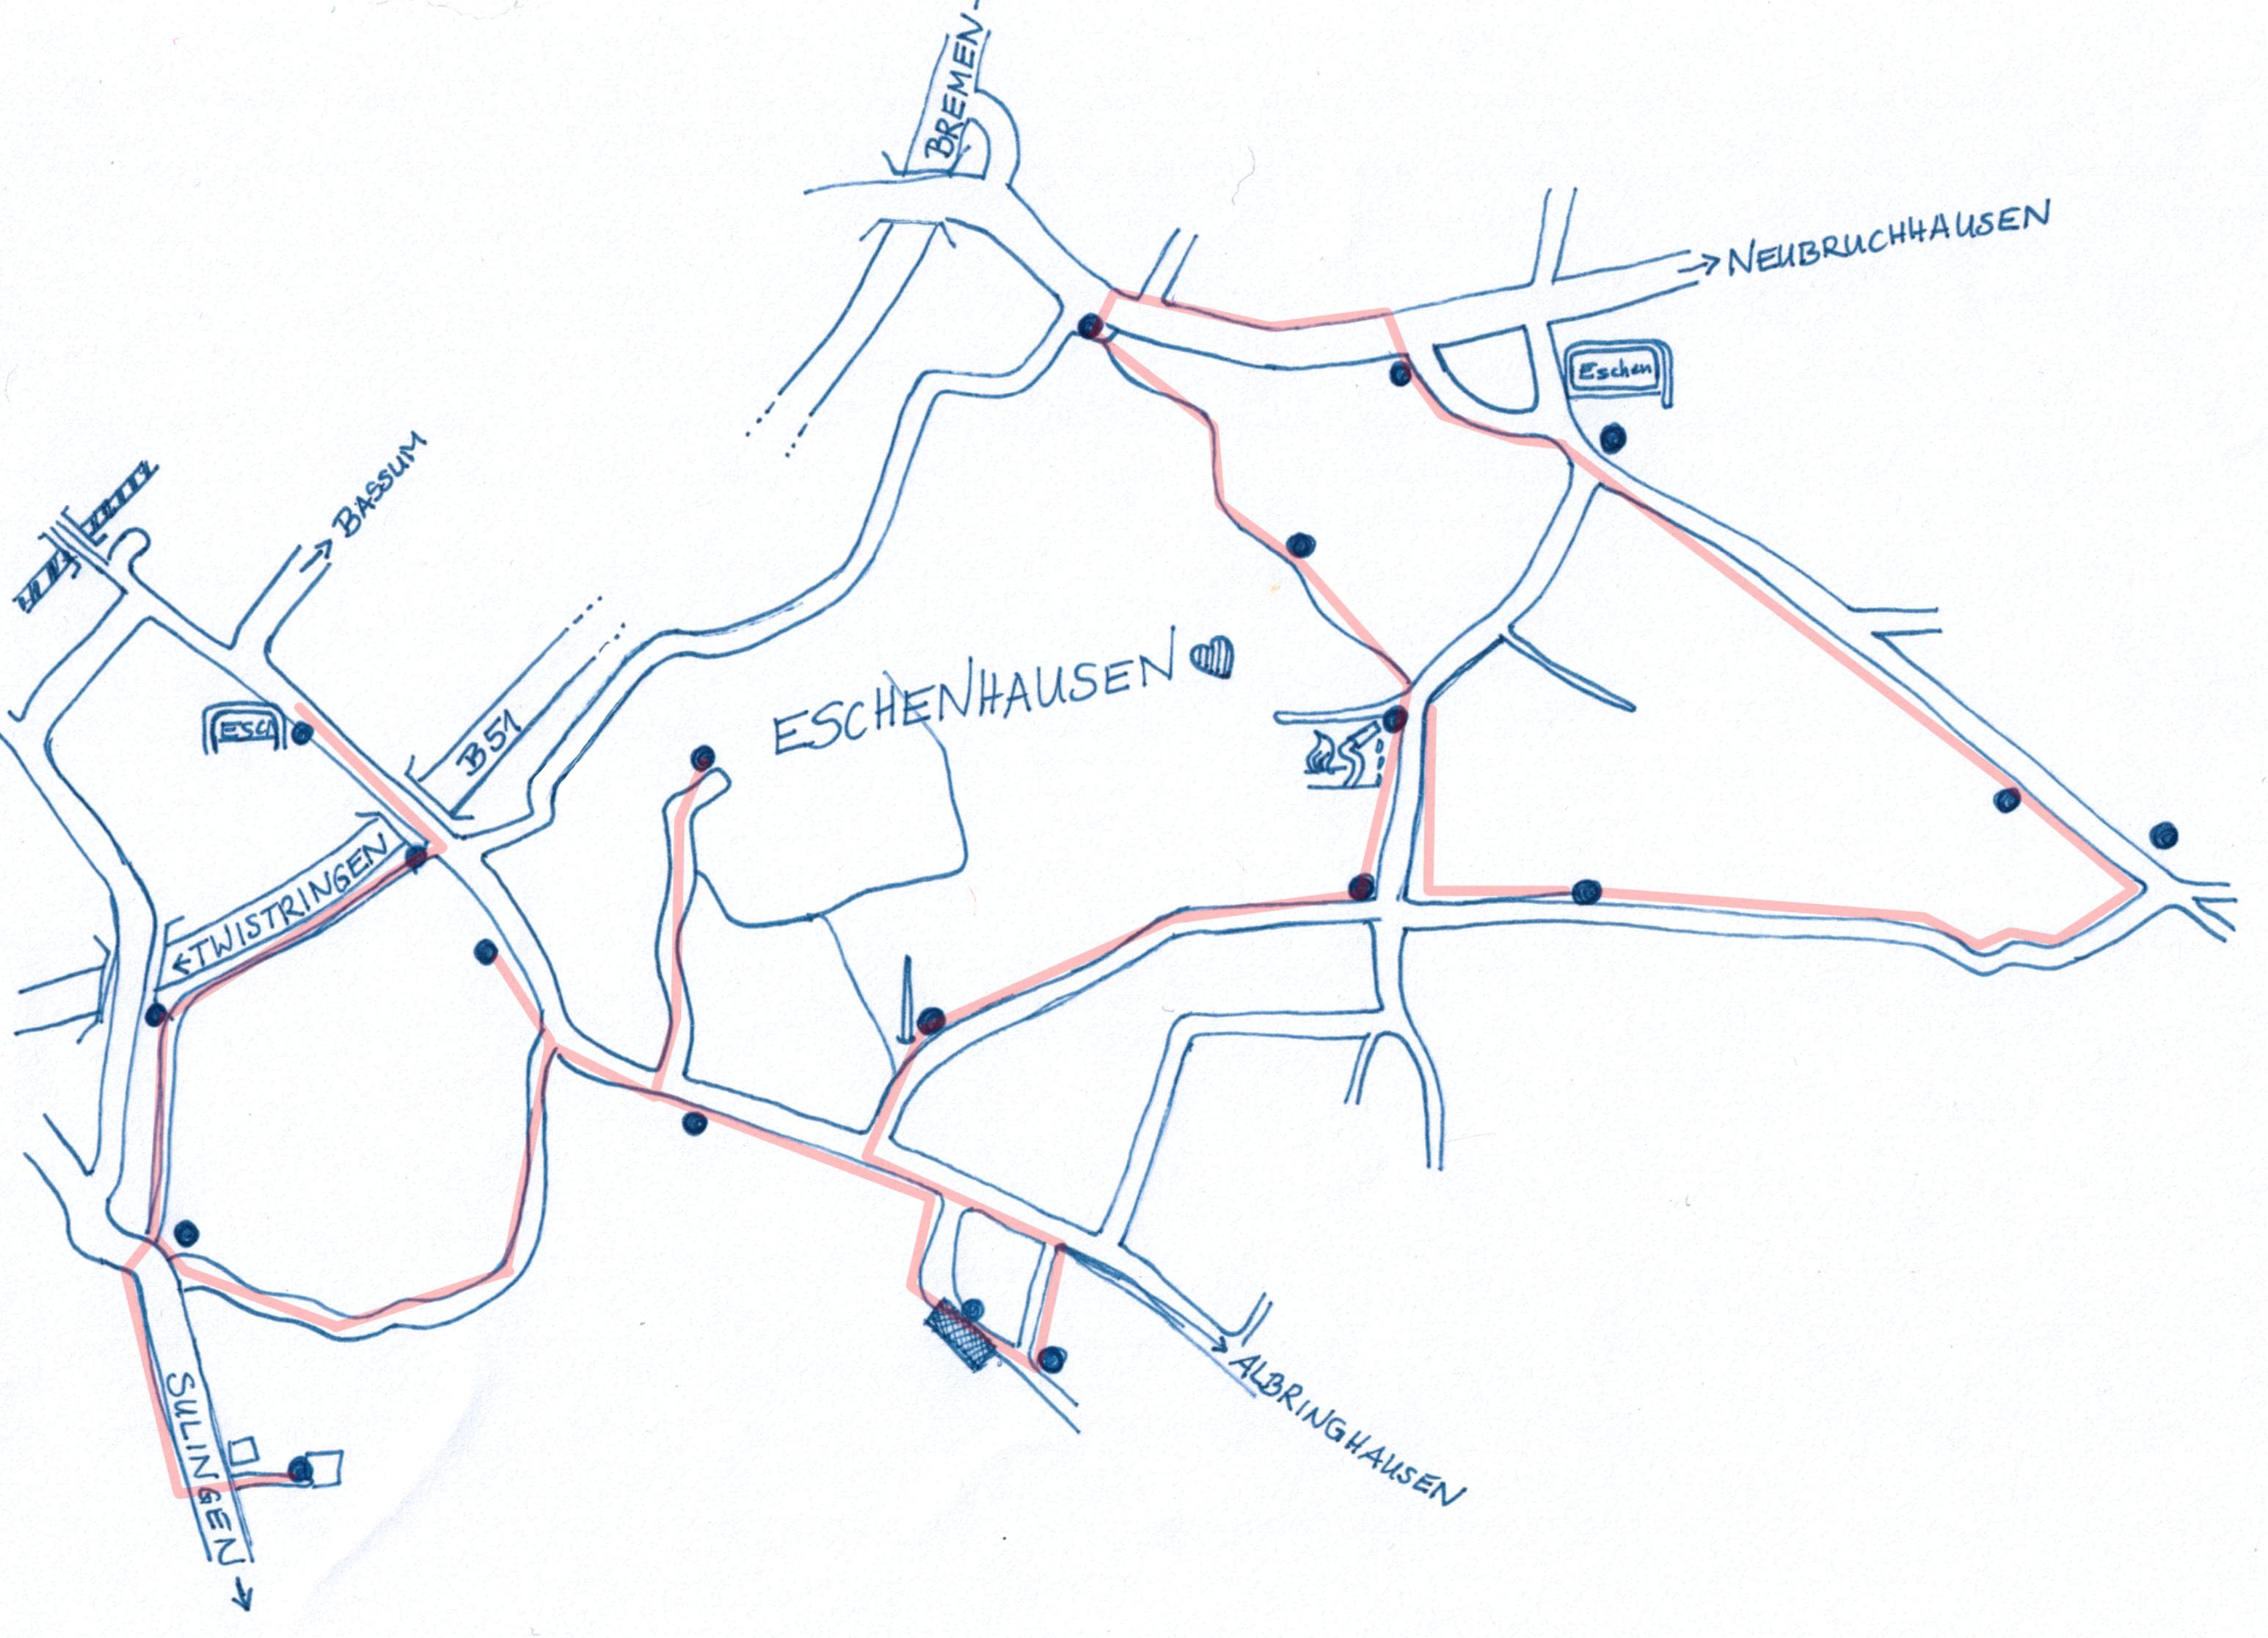 Digitale Schnitzeljagd durch Eschenhausen